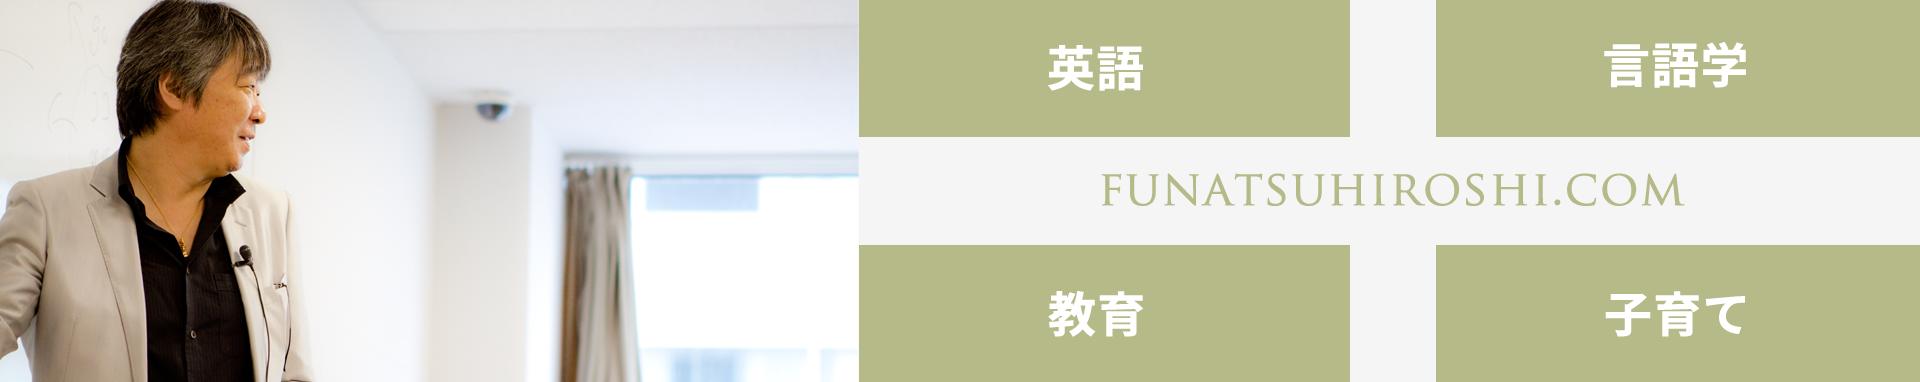 船津洋.com